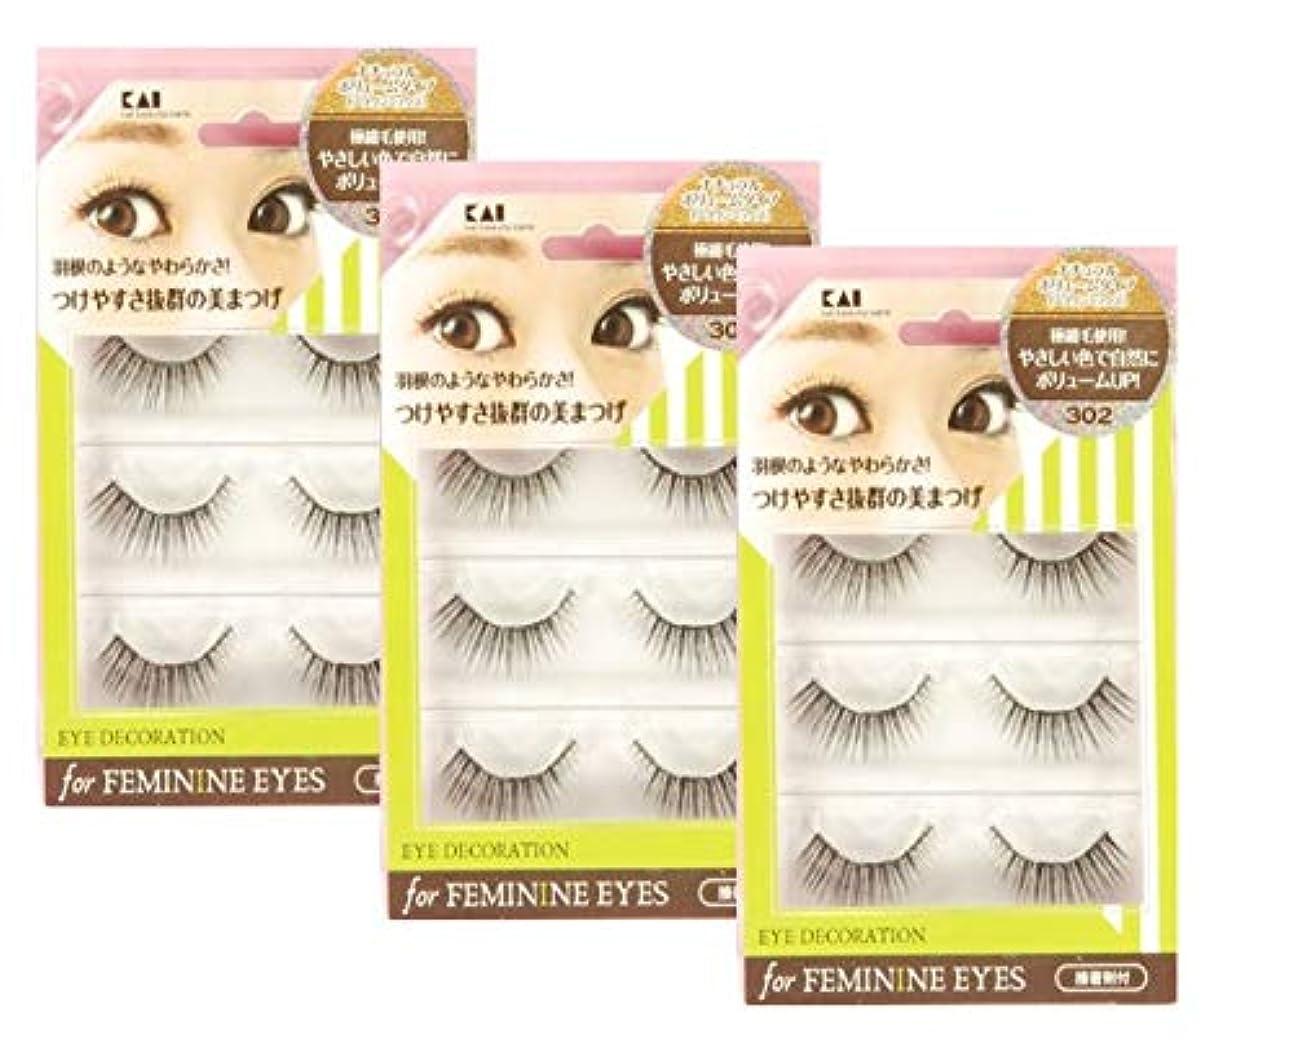 無効恨み非難【まとめ買い3個セット】アイデコレーション for feminine eyes 302 ナチュラルボリュームタイプ(ブラウンミックス)